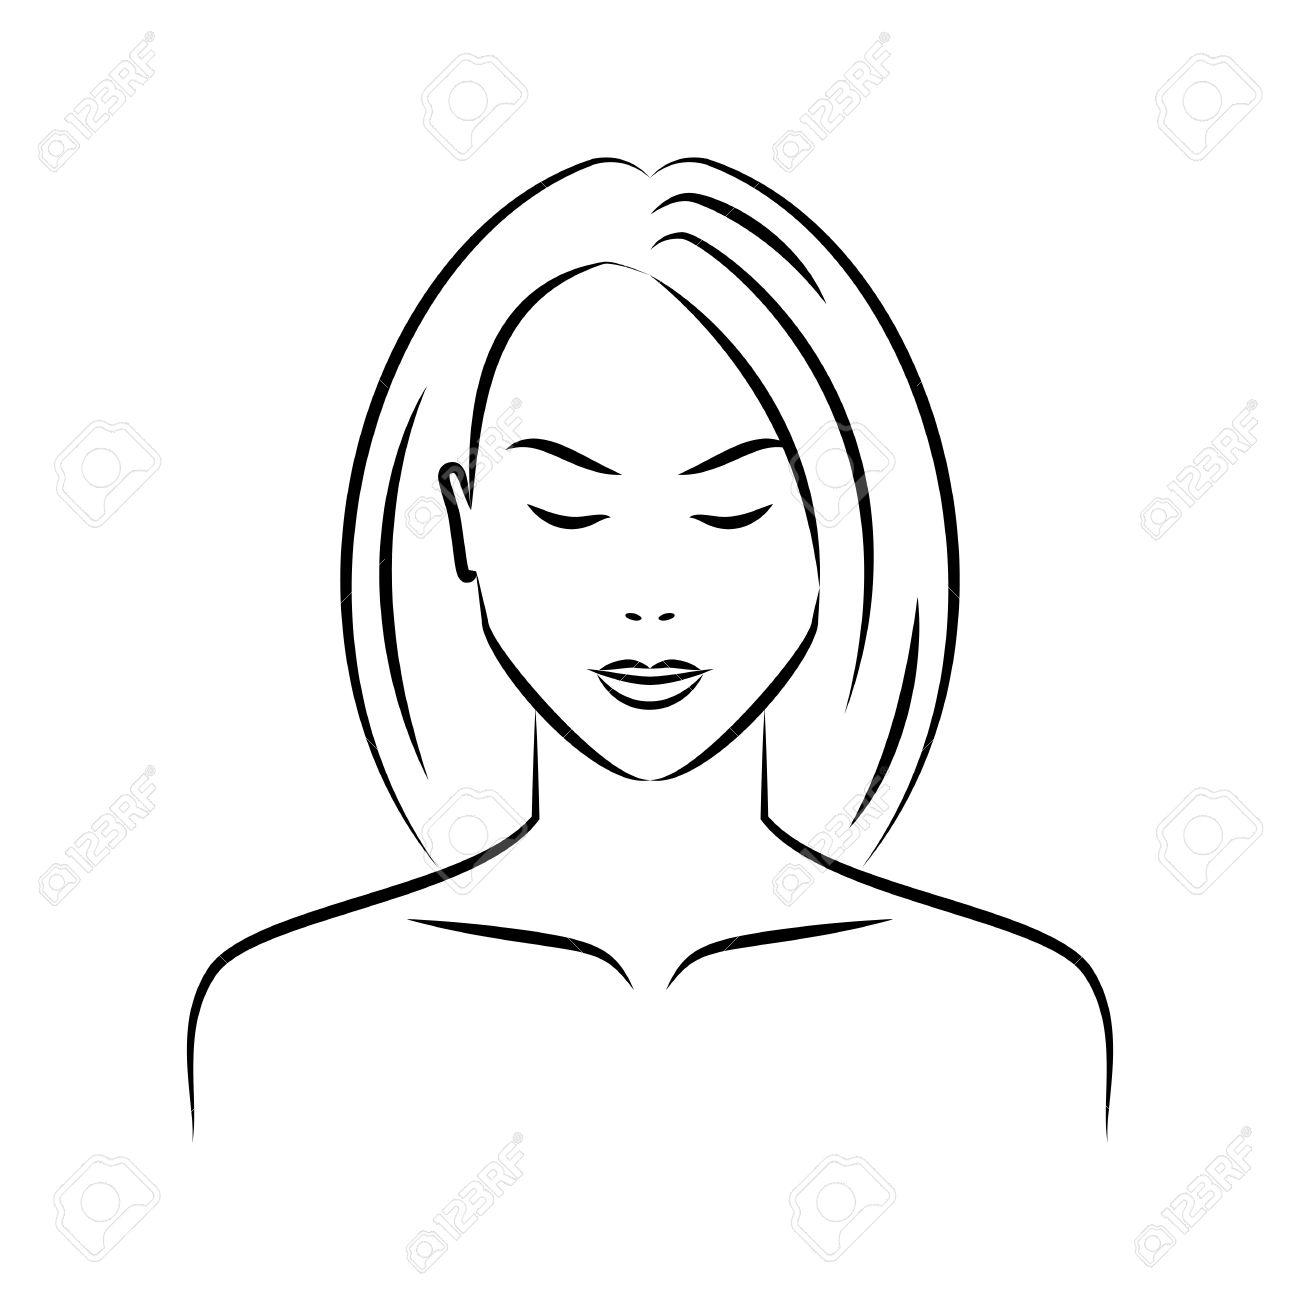 Les Femmes De Beauté Font Face Isolé Sur Un Fond Blanc Dessin Visage Féminin